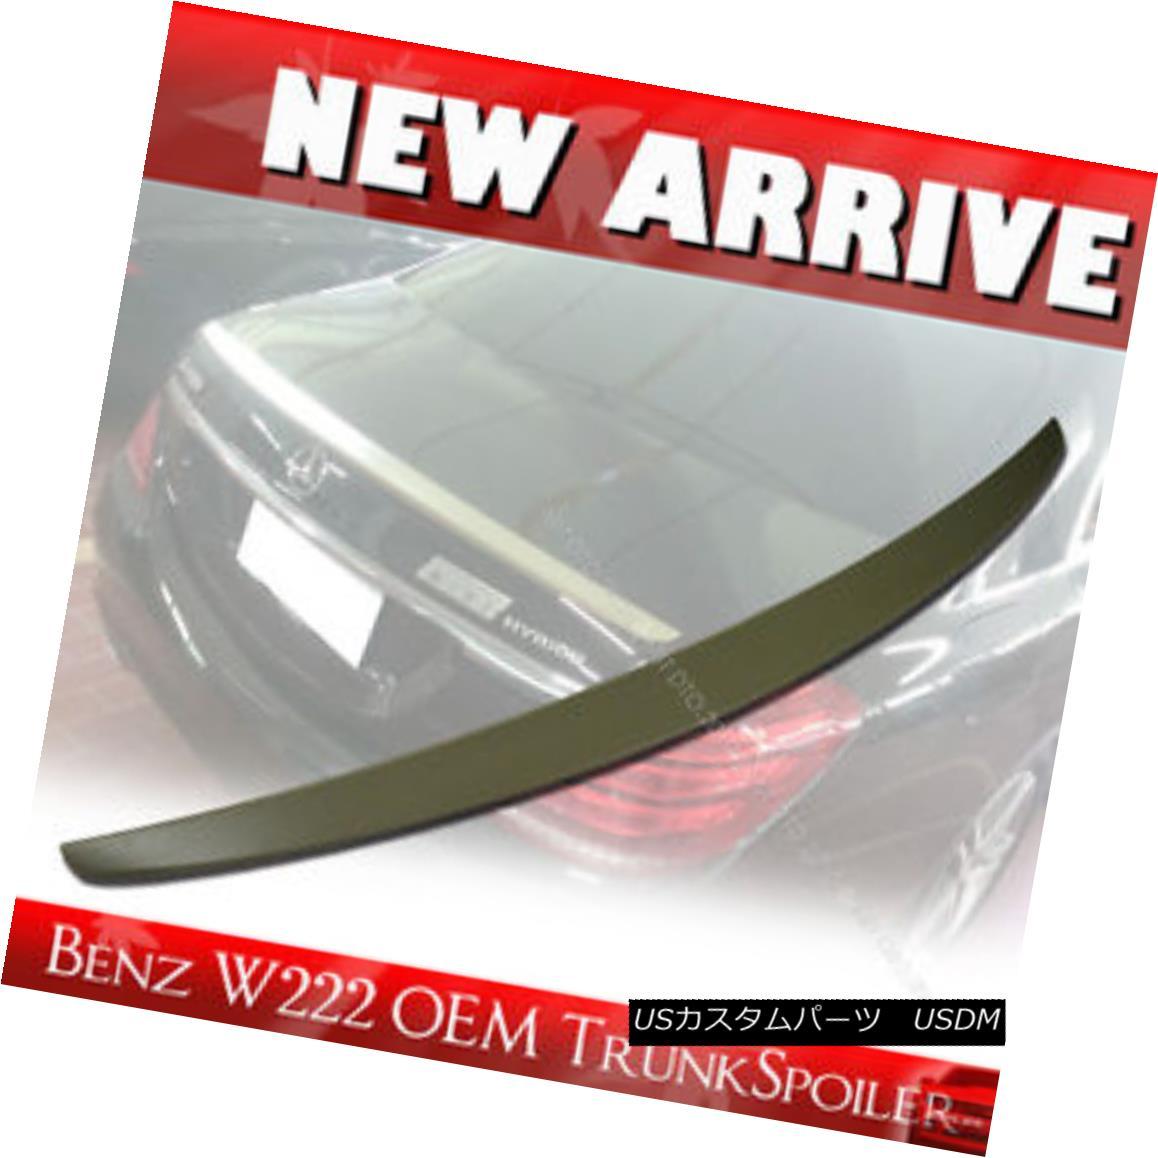 エアロパーツ Unpainted OE Trunk Spoiler For Mercedes Benz S Class W222 S500 S550 Sedan ABS § メルセデスベンツSクラスW222 S500 S550セダンABS用未塗装OEトランク・スポイラー